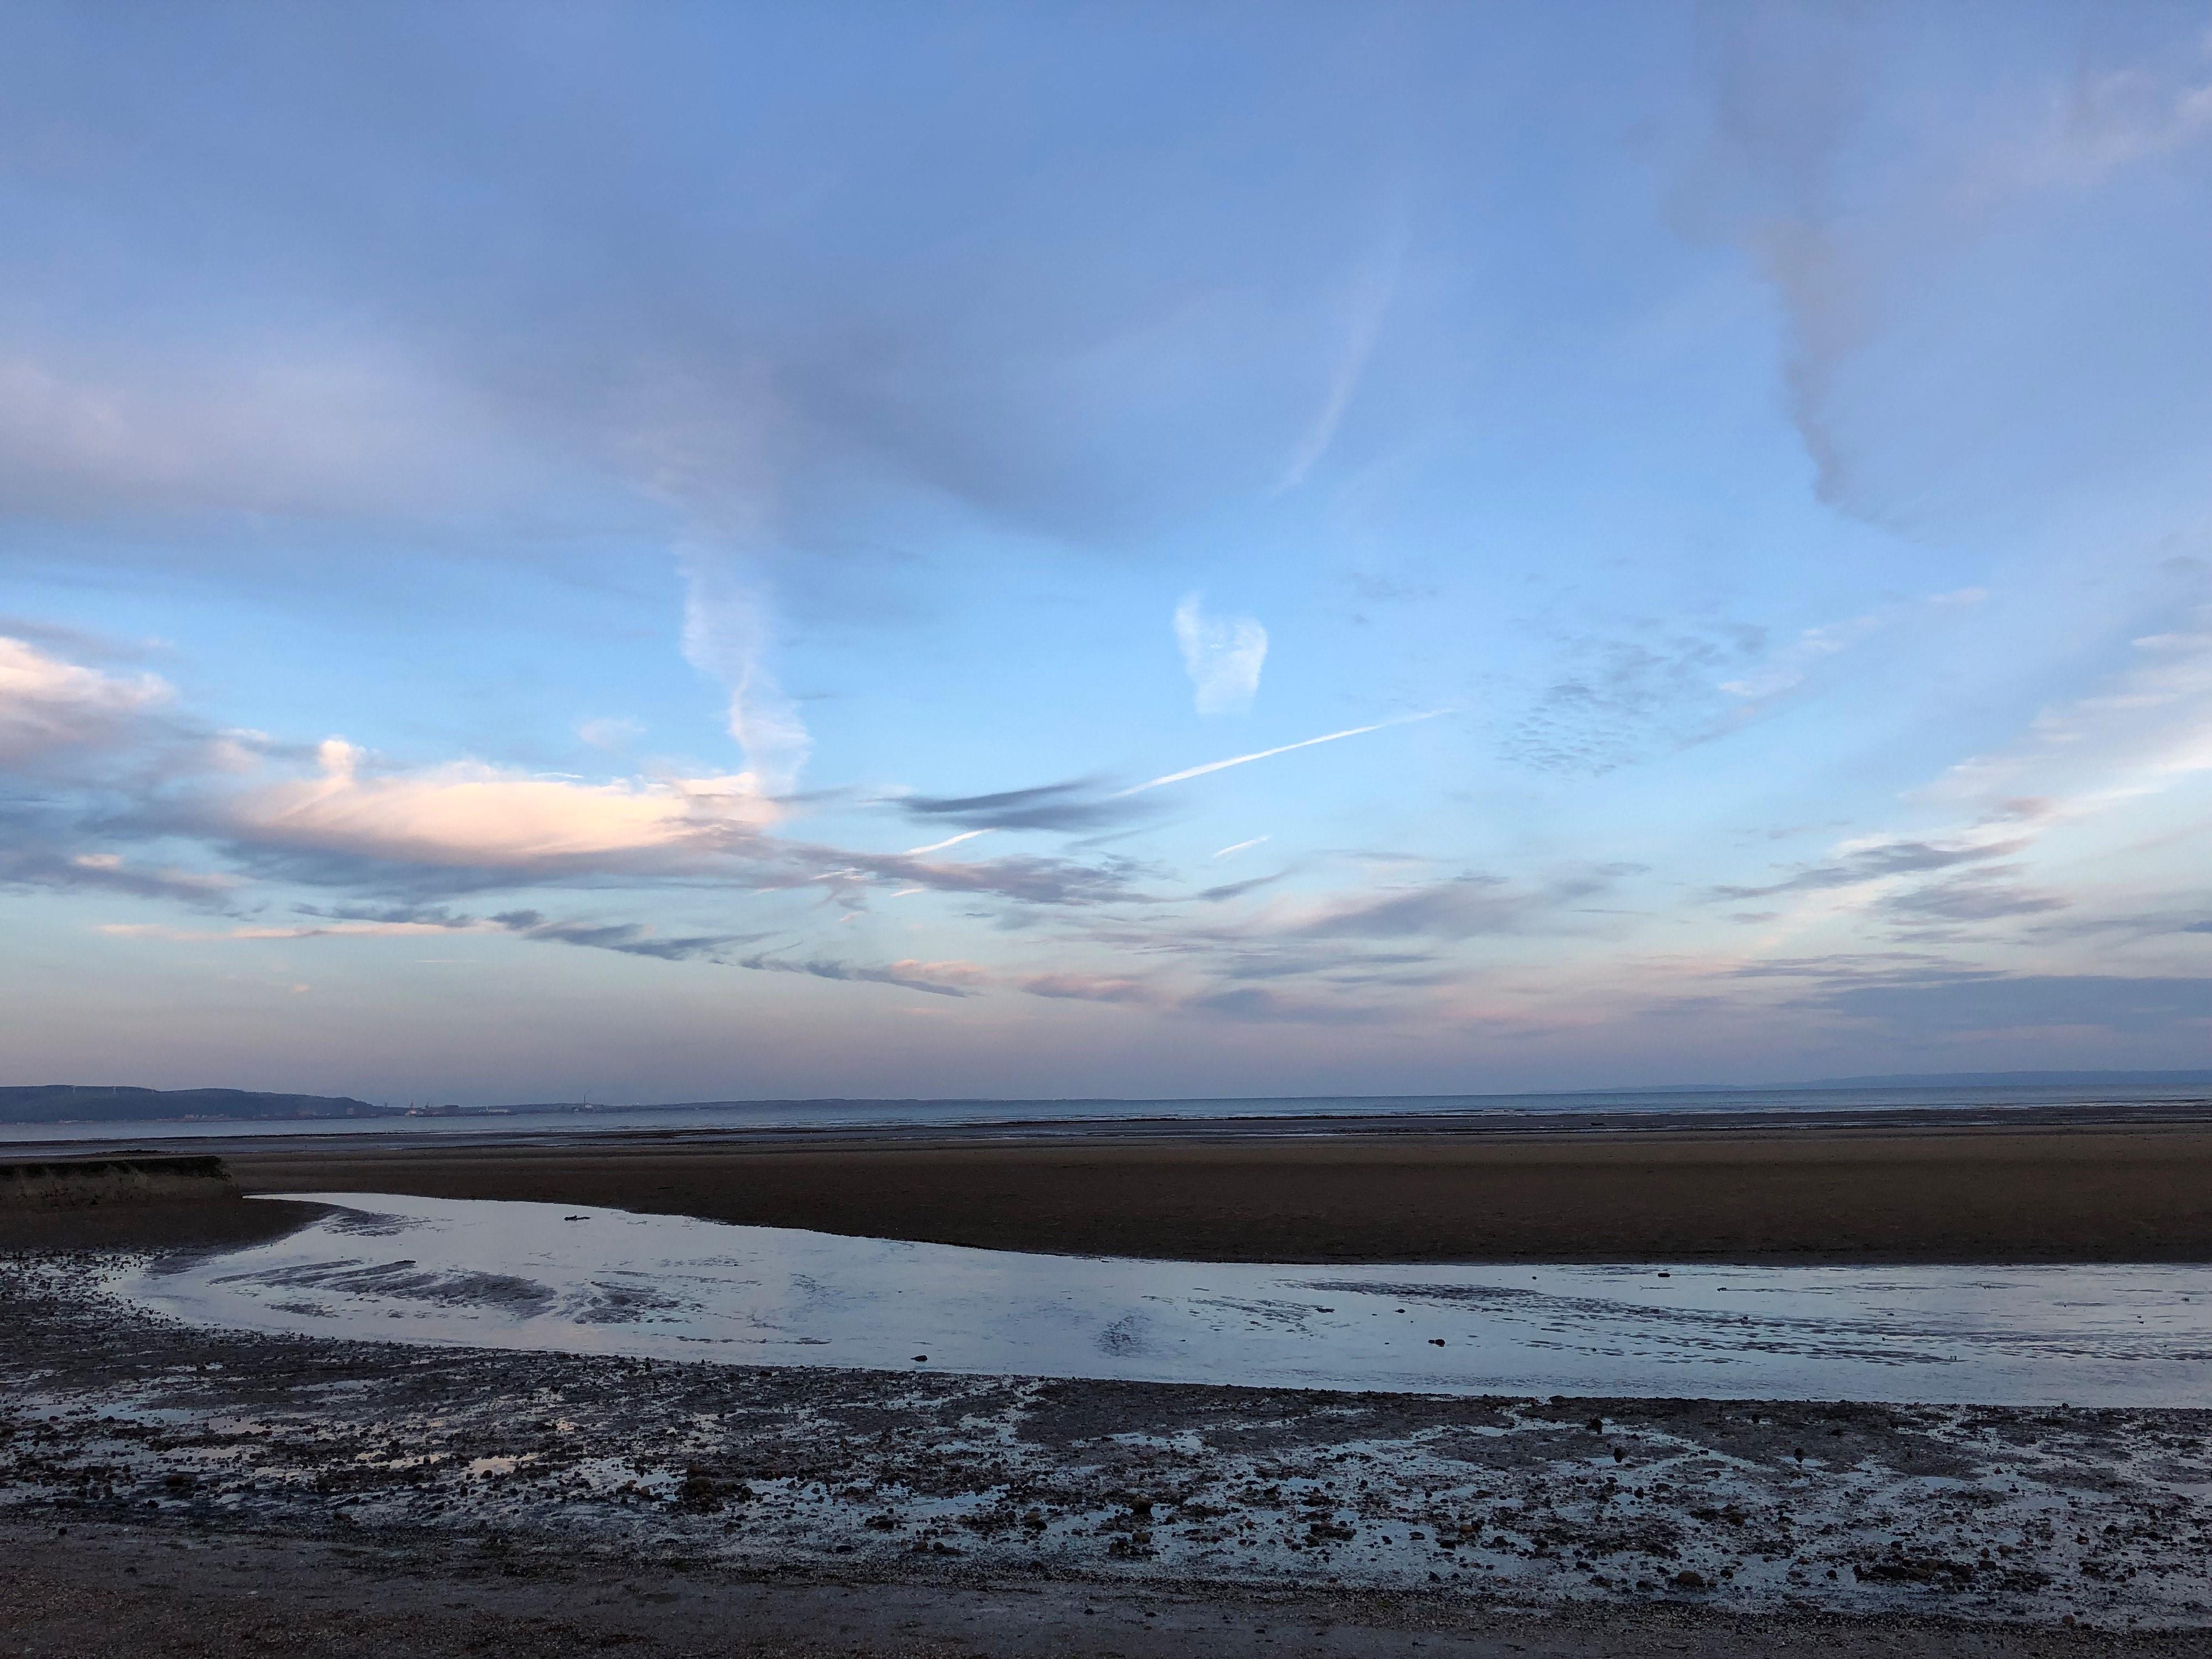 Ocean scene near Swansea